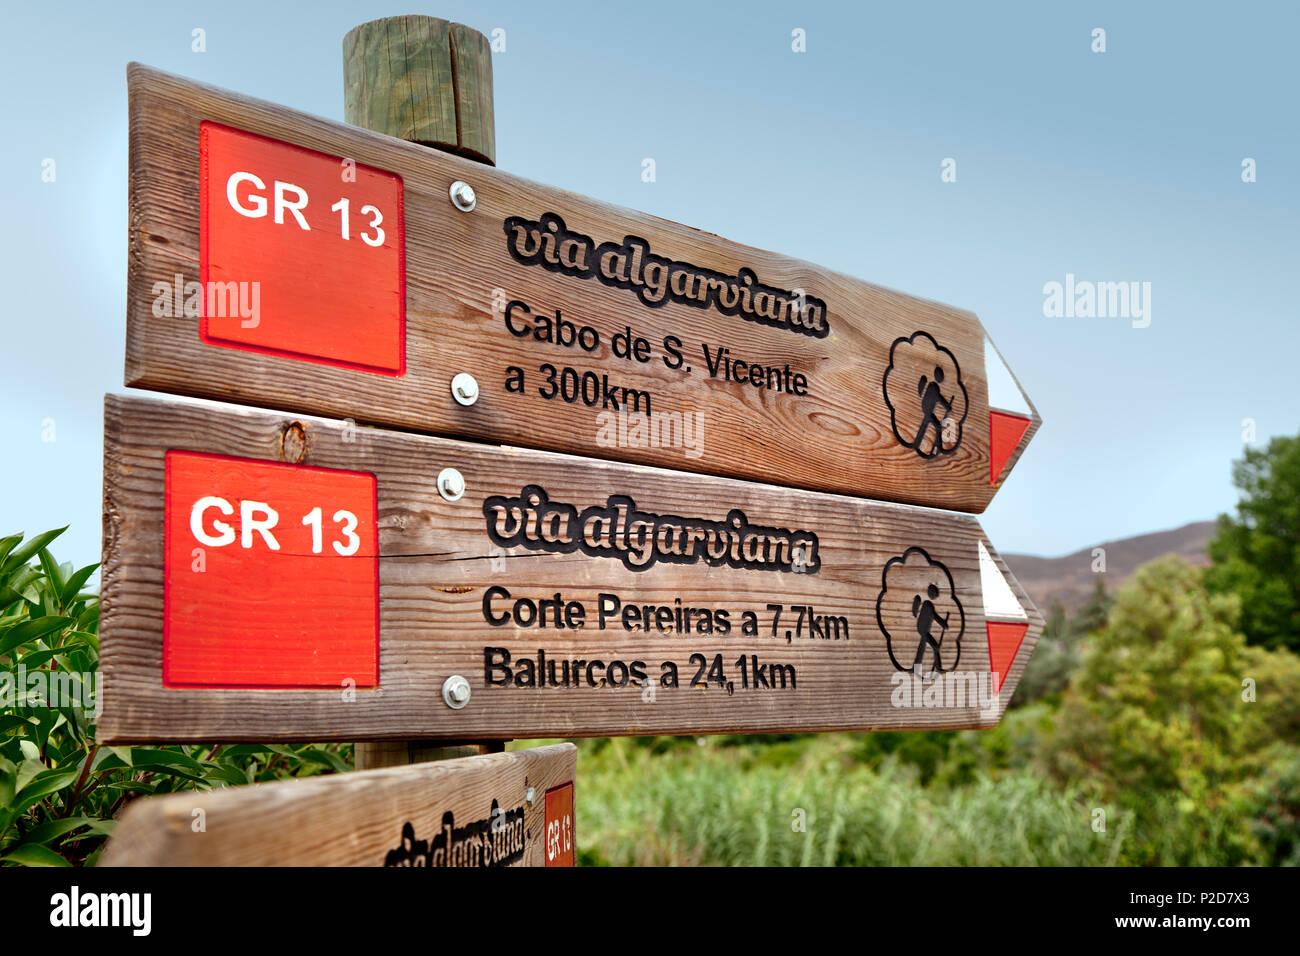 Signpost, hiking trail Via Algarvina, Algarve, Portugal - Stock Image